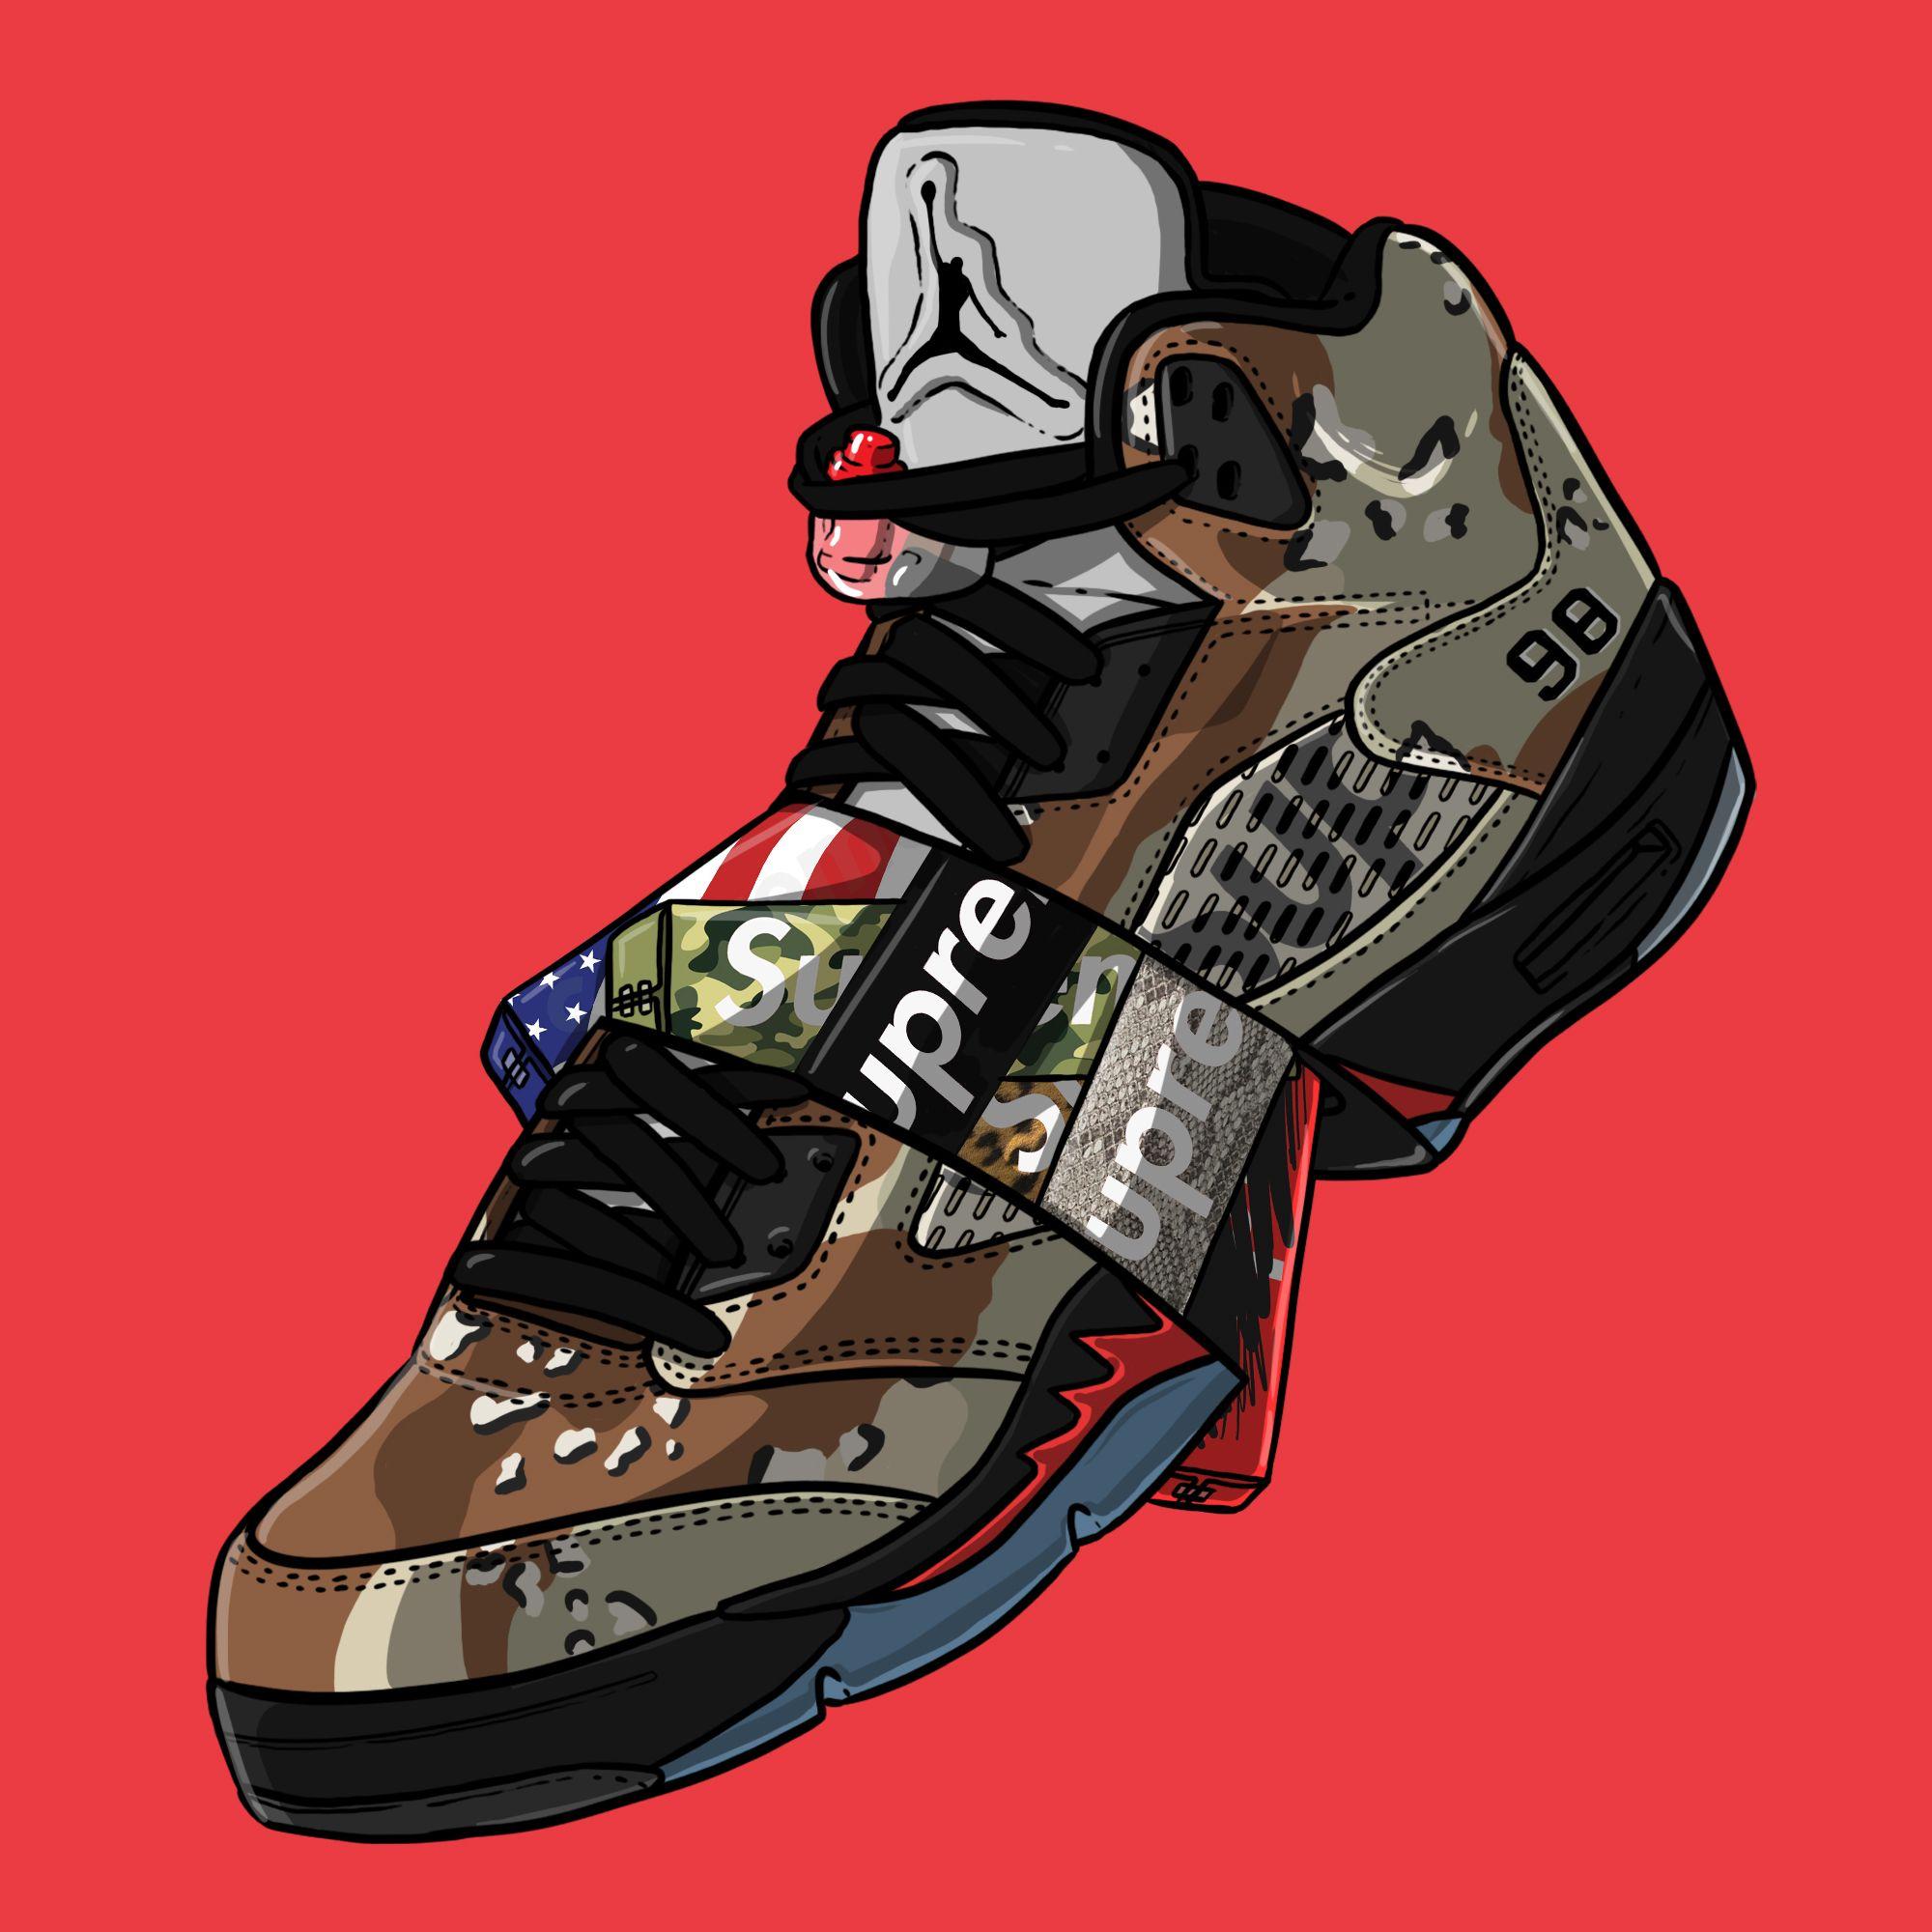 Sneaker art supreme v camo in 2019 sneaker art